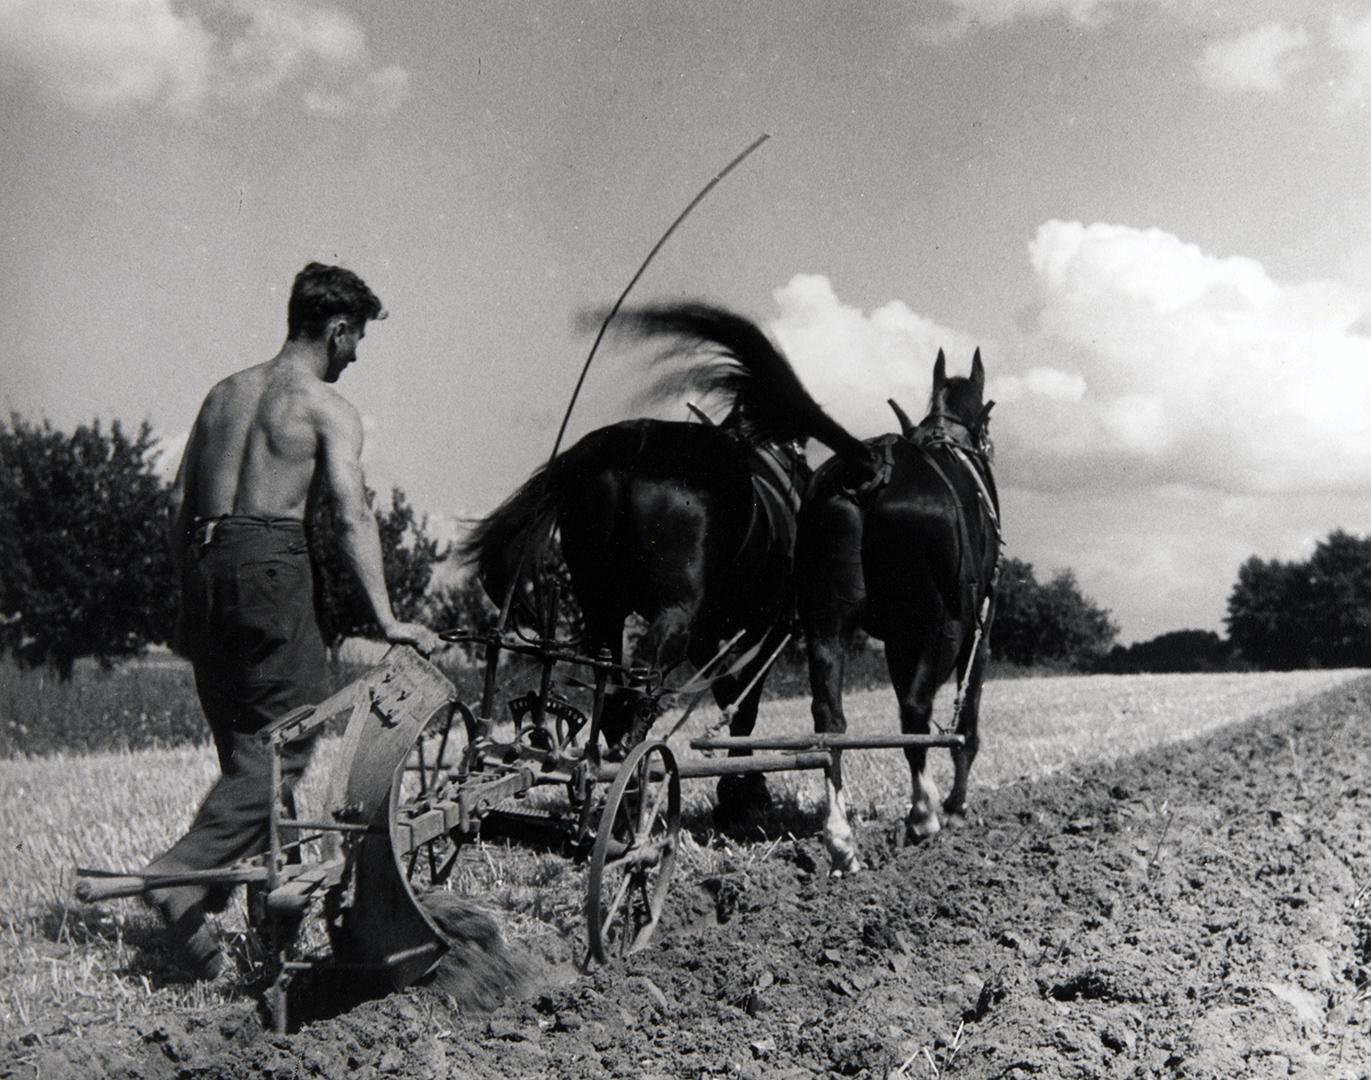 Agriculture dans les années 1930: un paysan laboure un champ avec une charrue à cheval de trait.